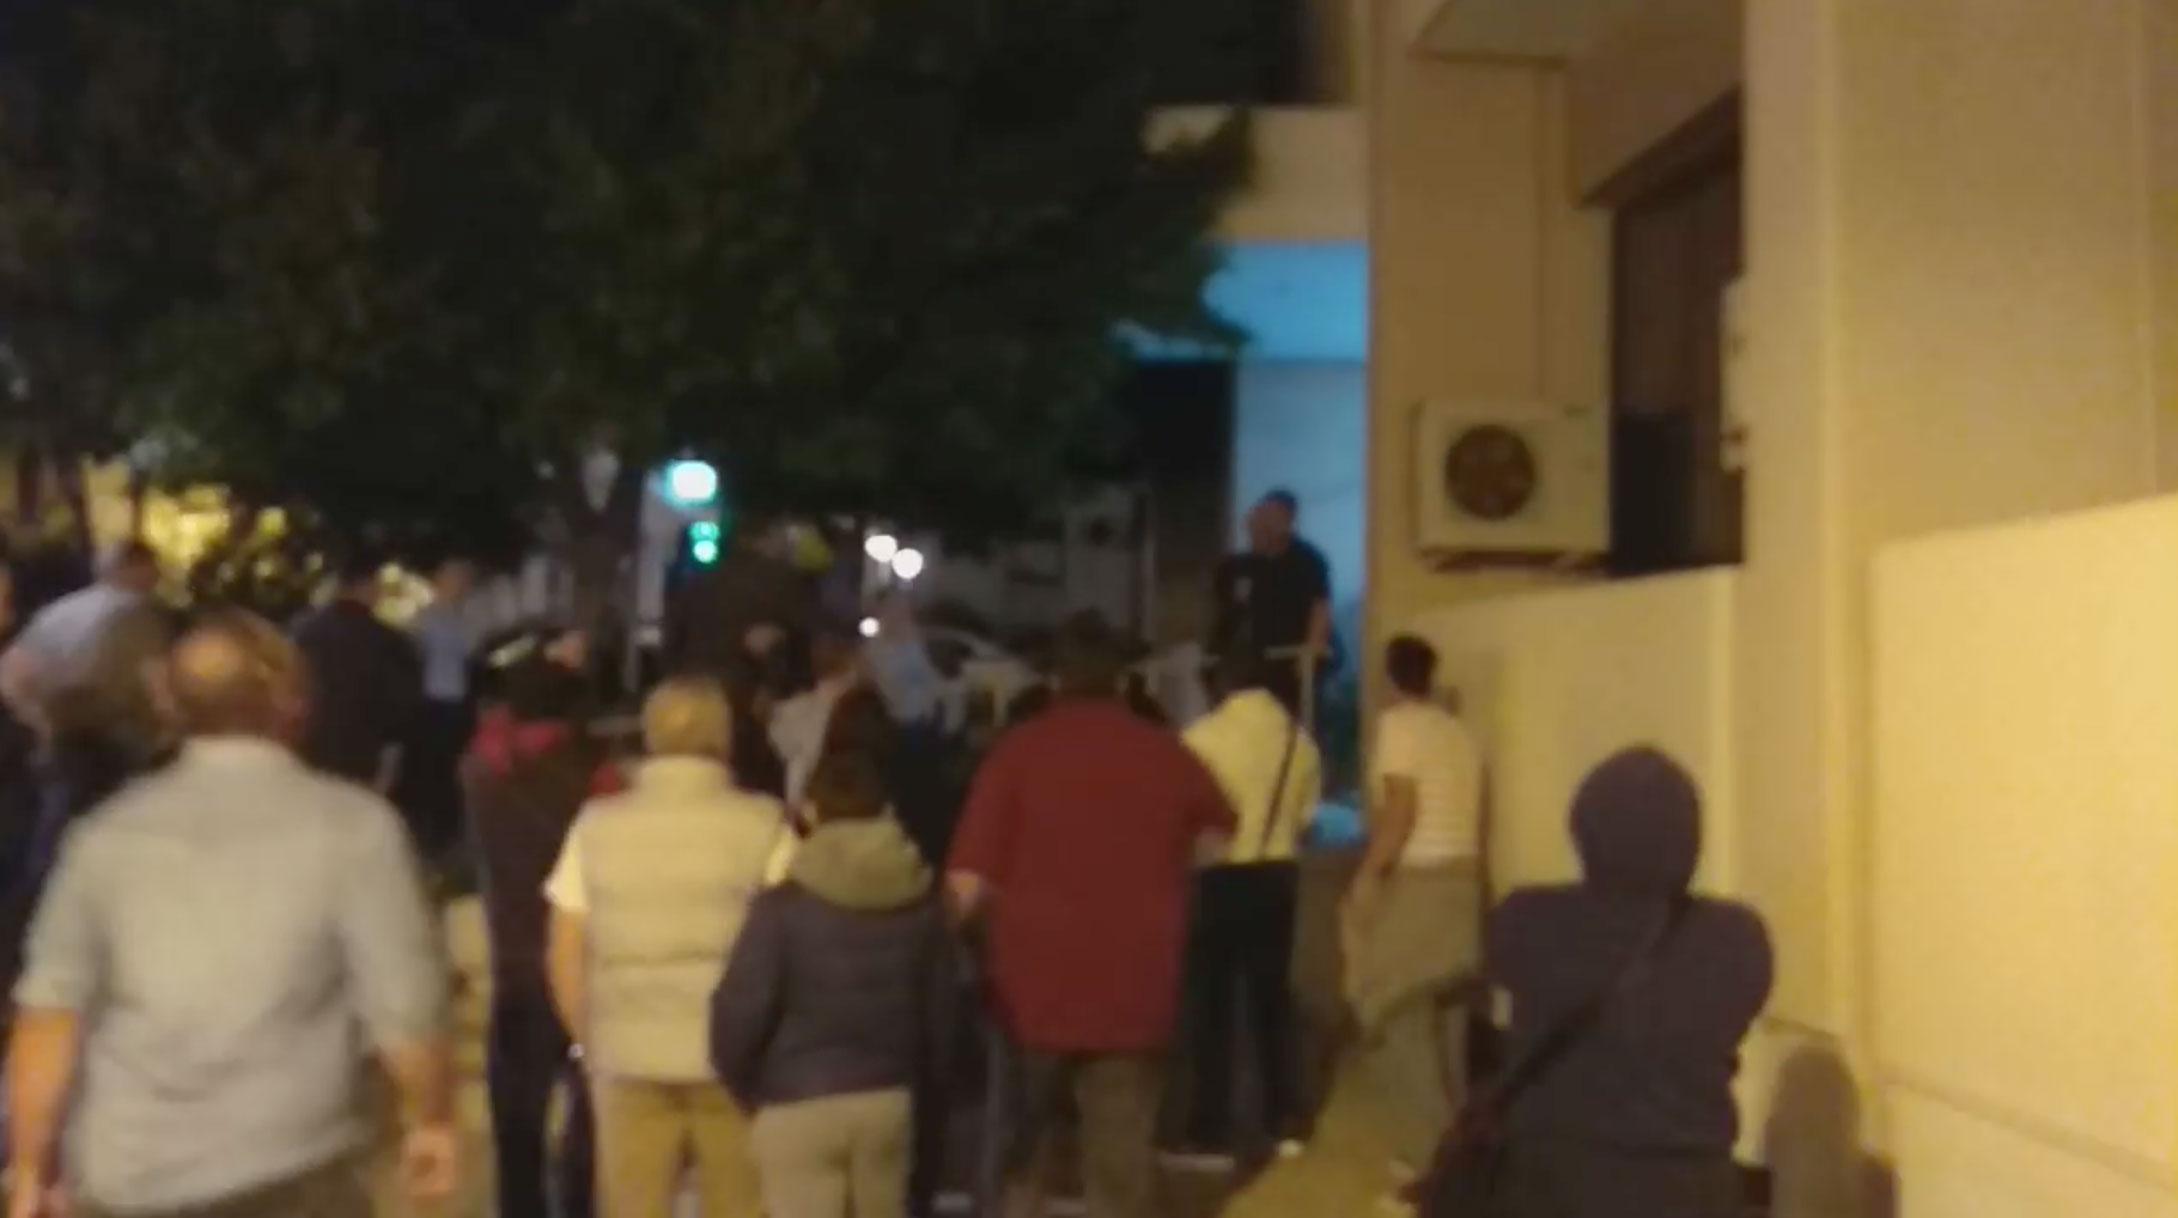 Προπηλακίστηκε στα Μέγαρα ο Γιώργος Τσίπρας: «Προδότη, ξεφτίλα» (video)